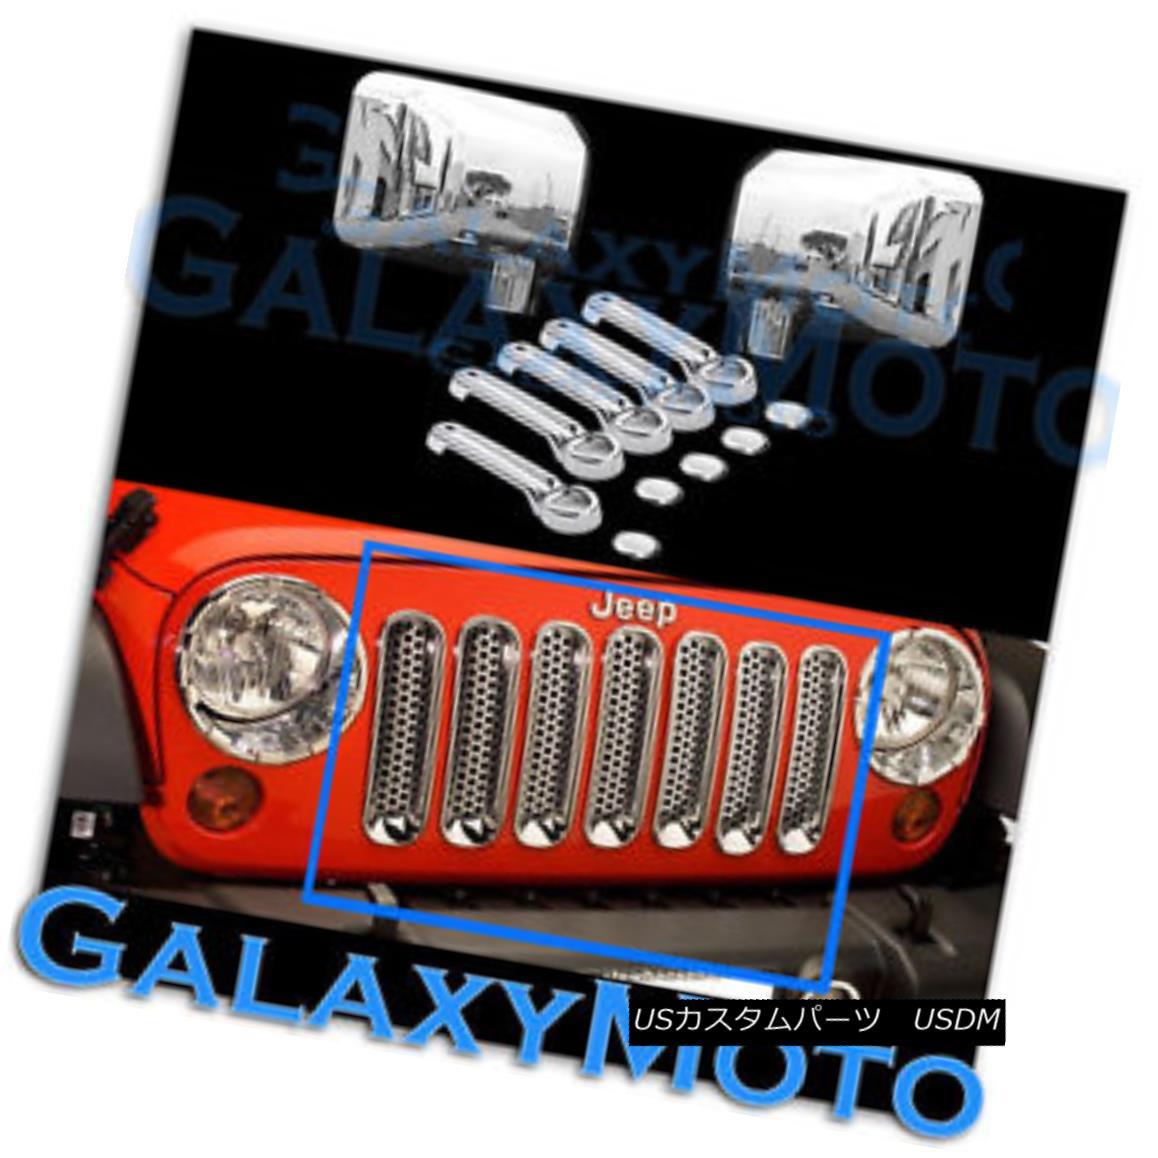 グリル Chrome Front Grille+Mirror+4 Door Handle+Tailgate Cover for 07-17 Jeep Wrangler クロームフロントグリル+ミラー+ 4ドアハンドル+テールゲート e 07-17ジープラングラーのカバー